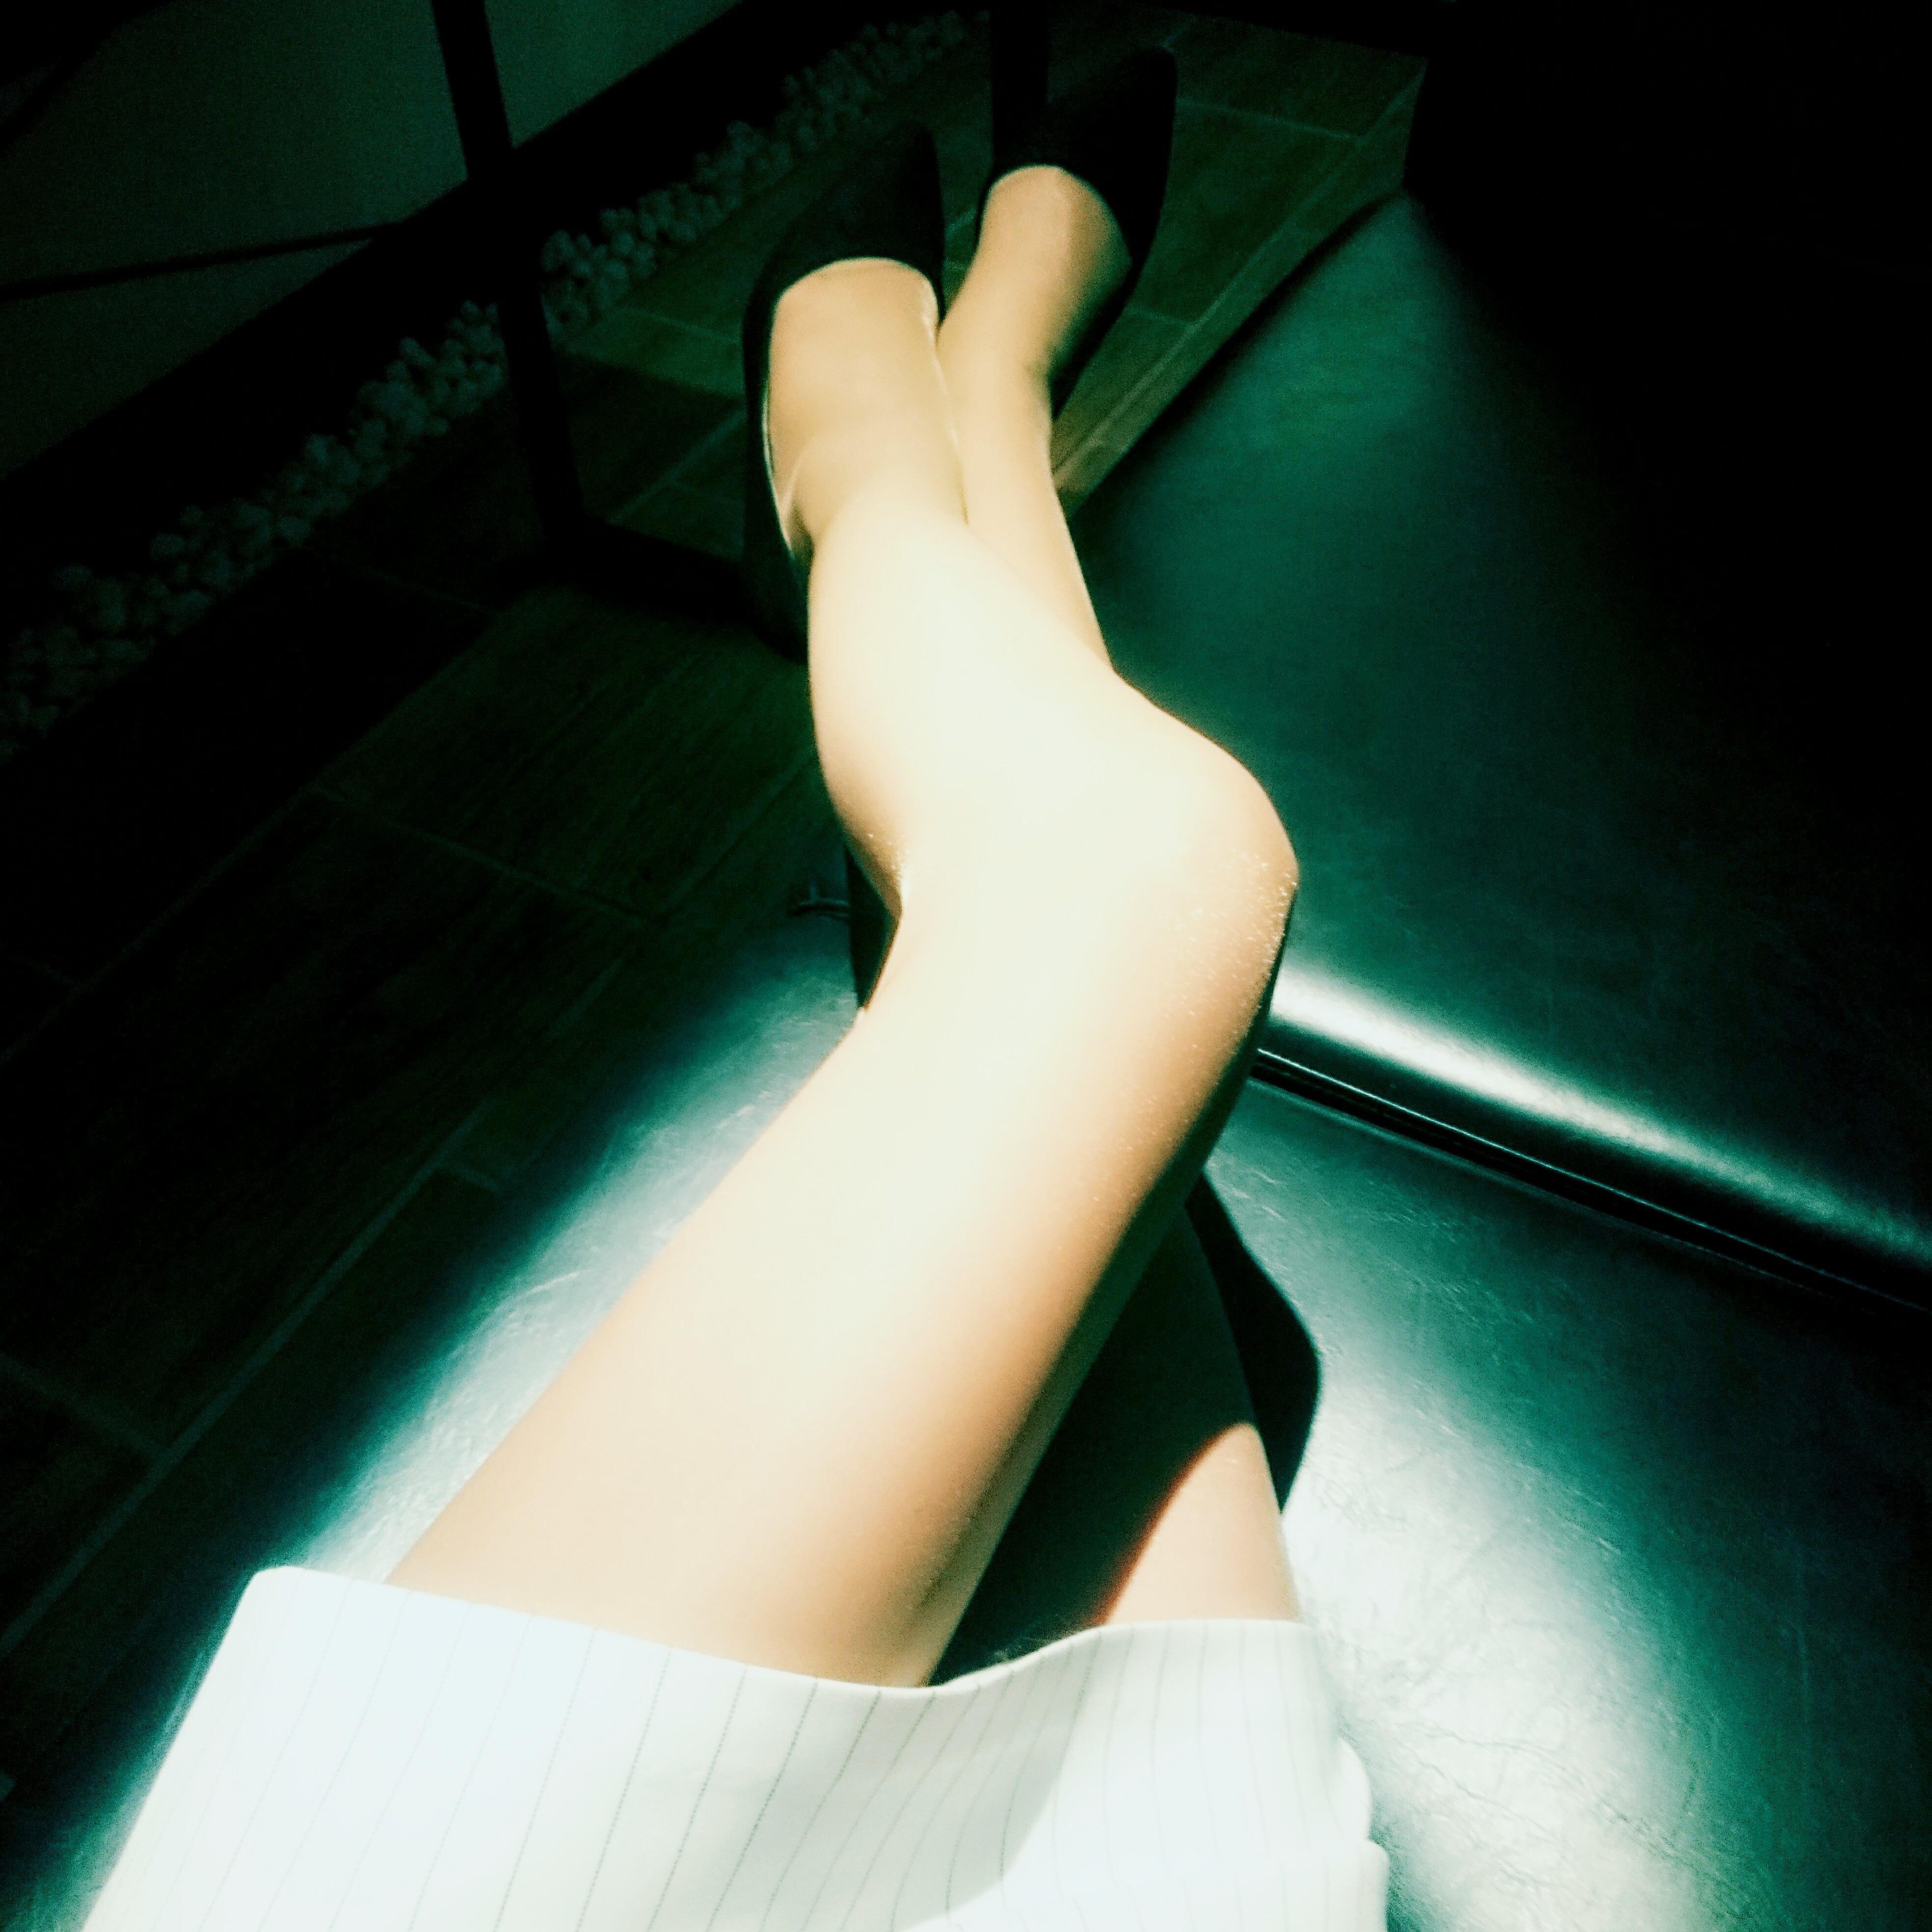 「ありがとうございました」10/02(火) 04:26 | 弁天の写メ・風俗動画